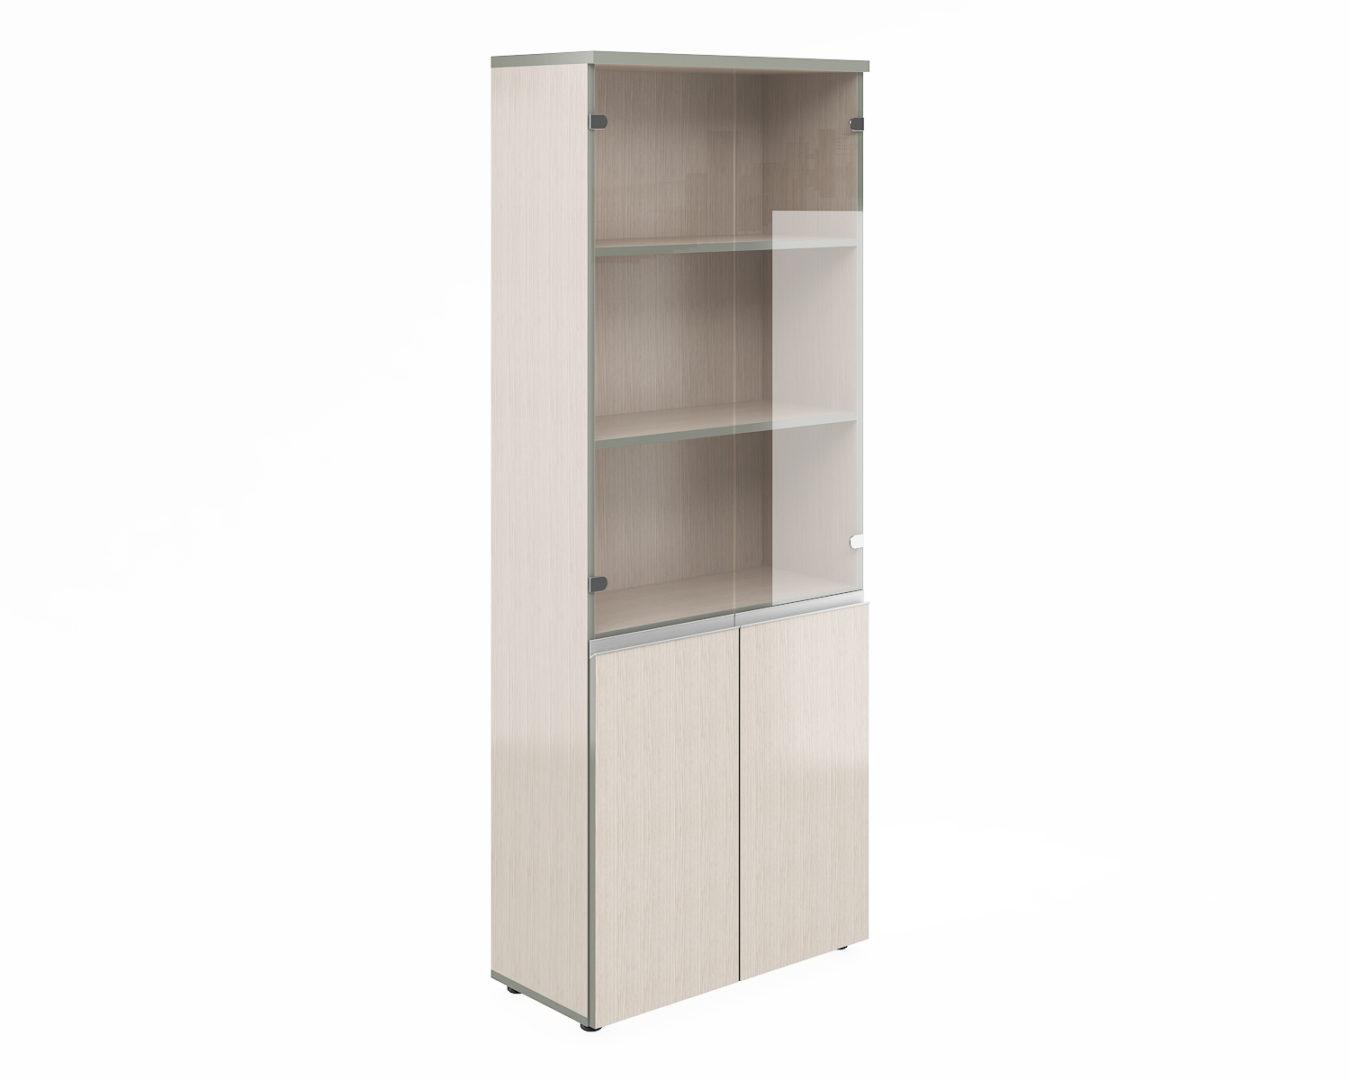 Шкаф широкий высокий со стеклом V-2.2+4.0+4.3+V*2